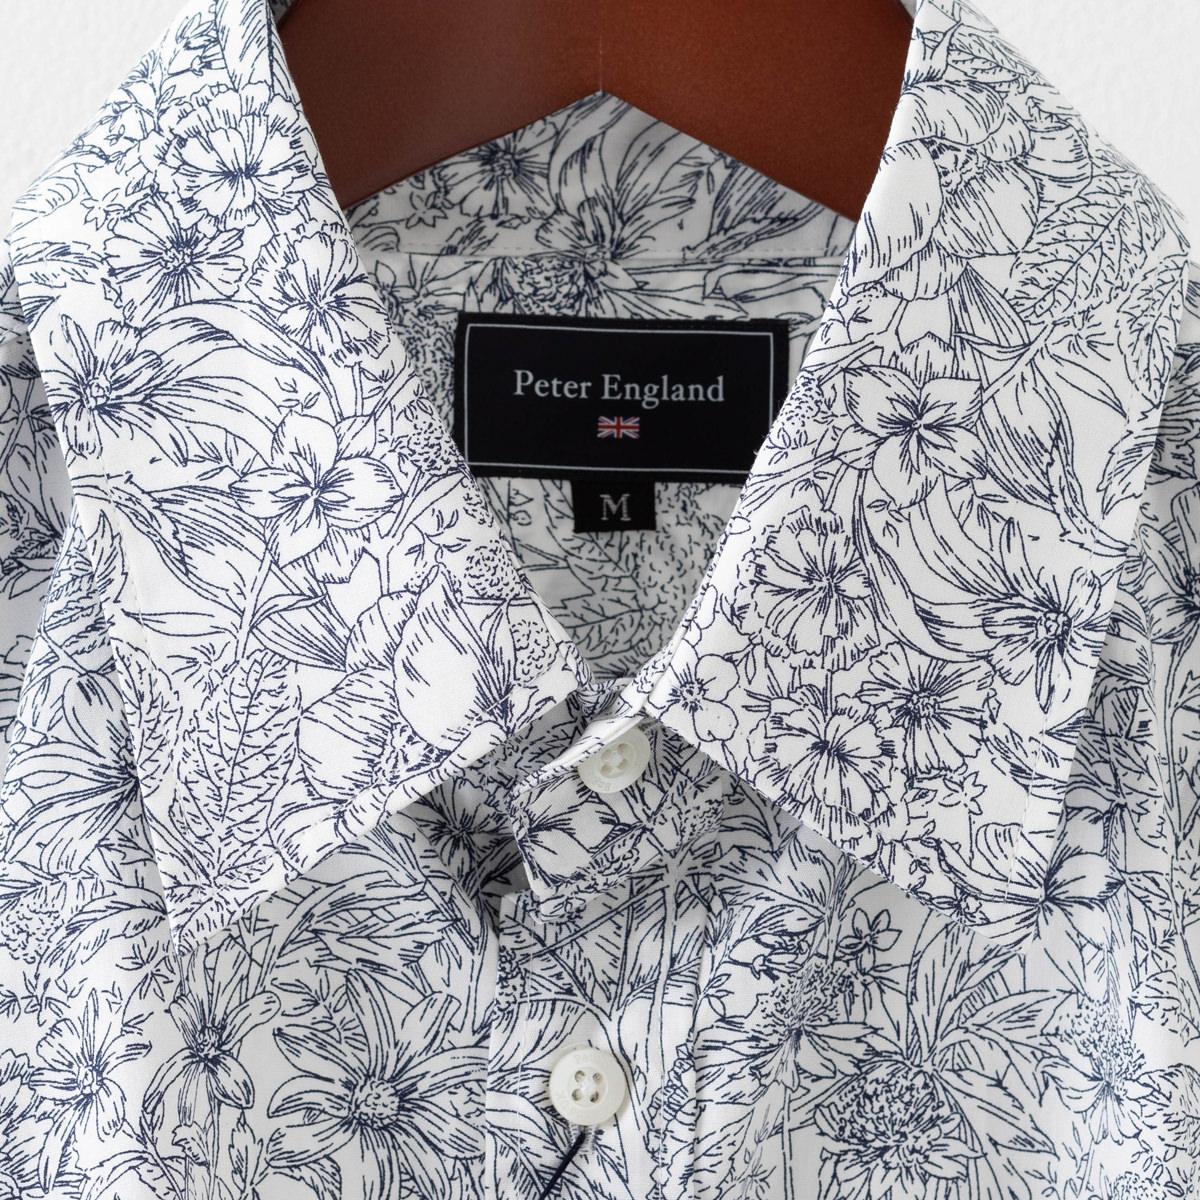 英国老舗ブランド 日本縫製 メンズ 長袖シャツ ボタニカルプリント ホワイト ネイビー UKデザイン プレミアムコットン カジュアル ピーターイングランド